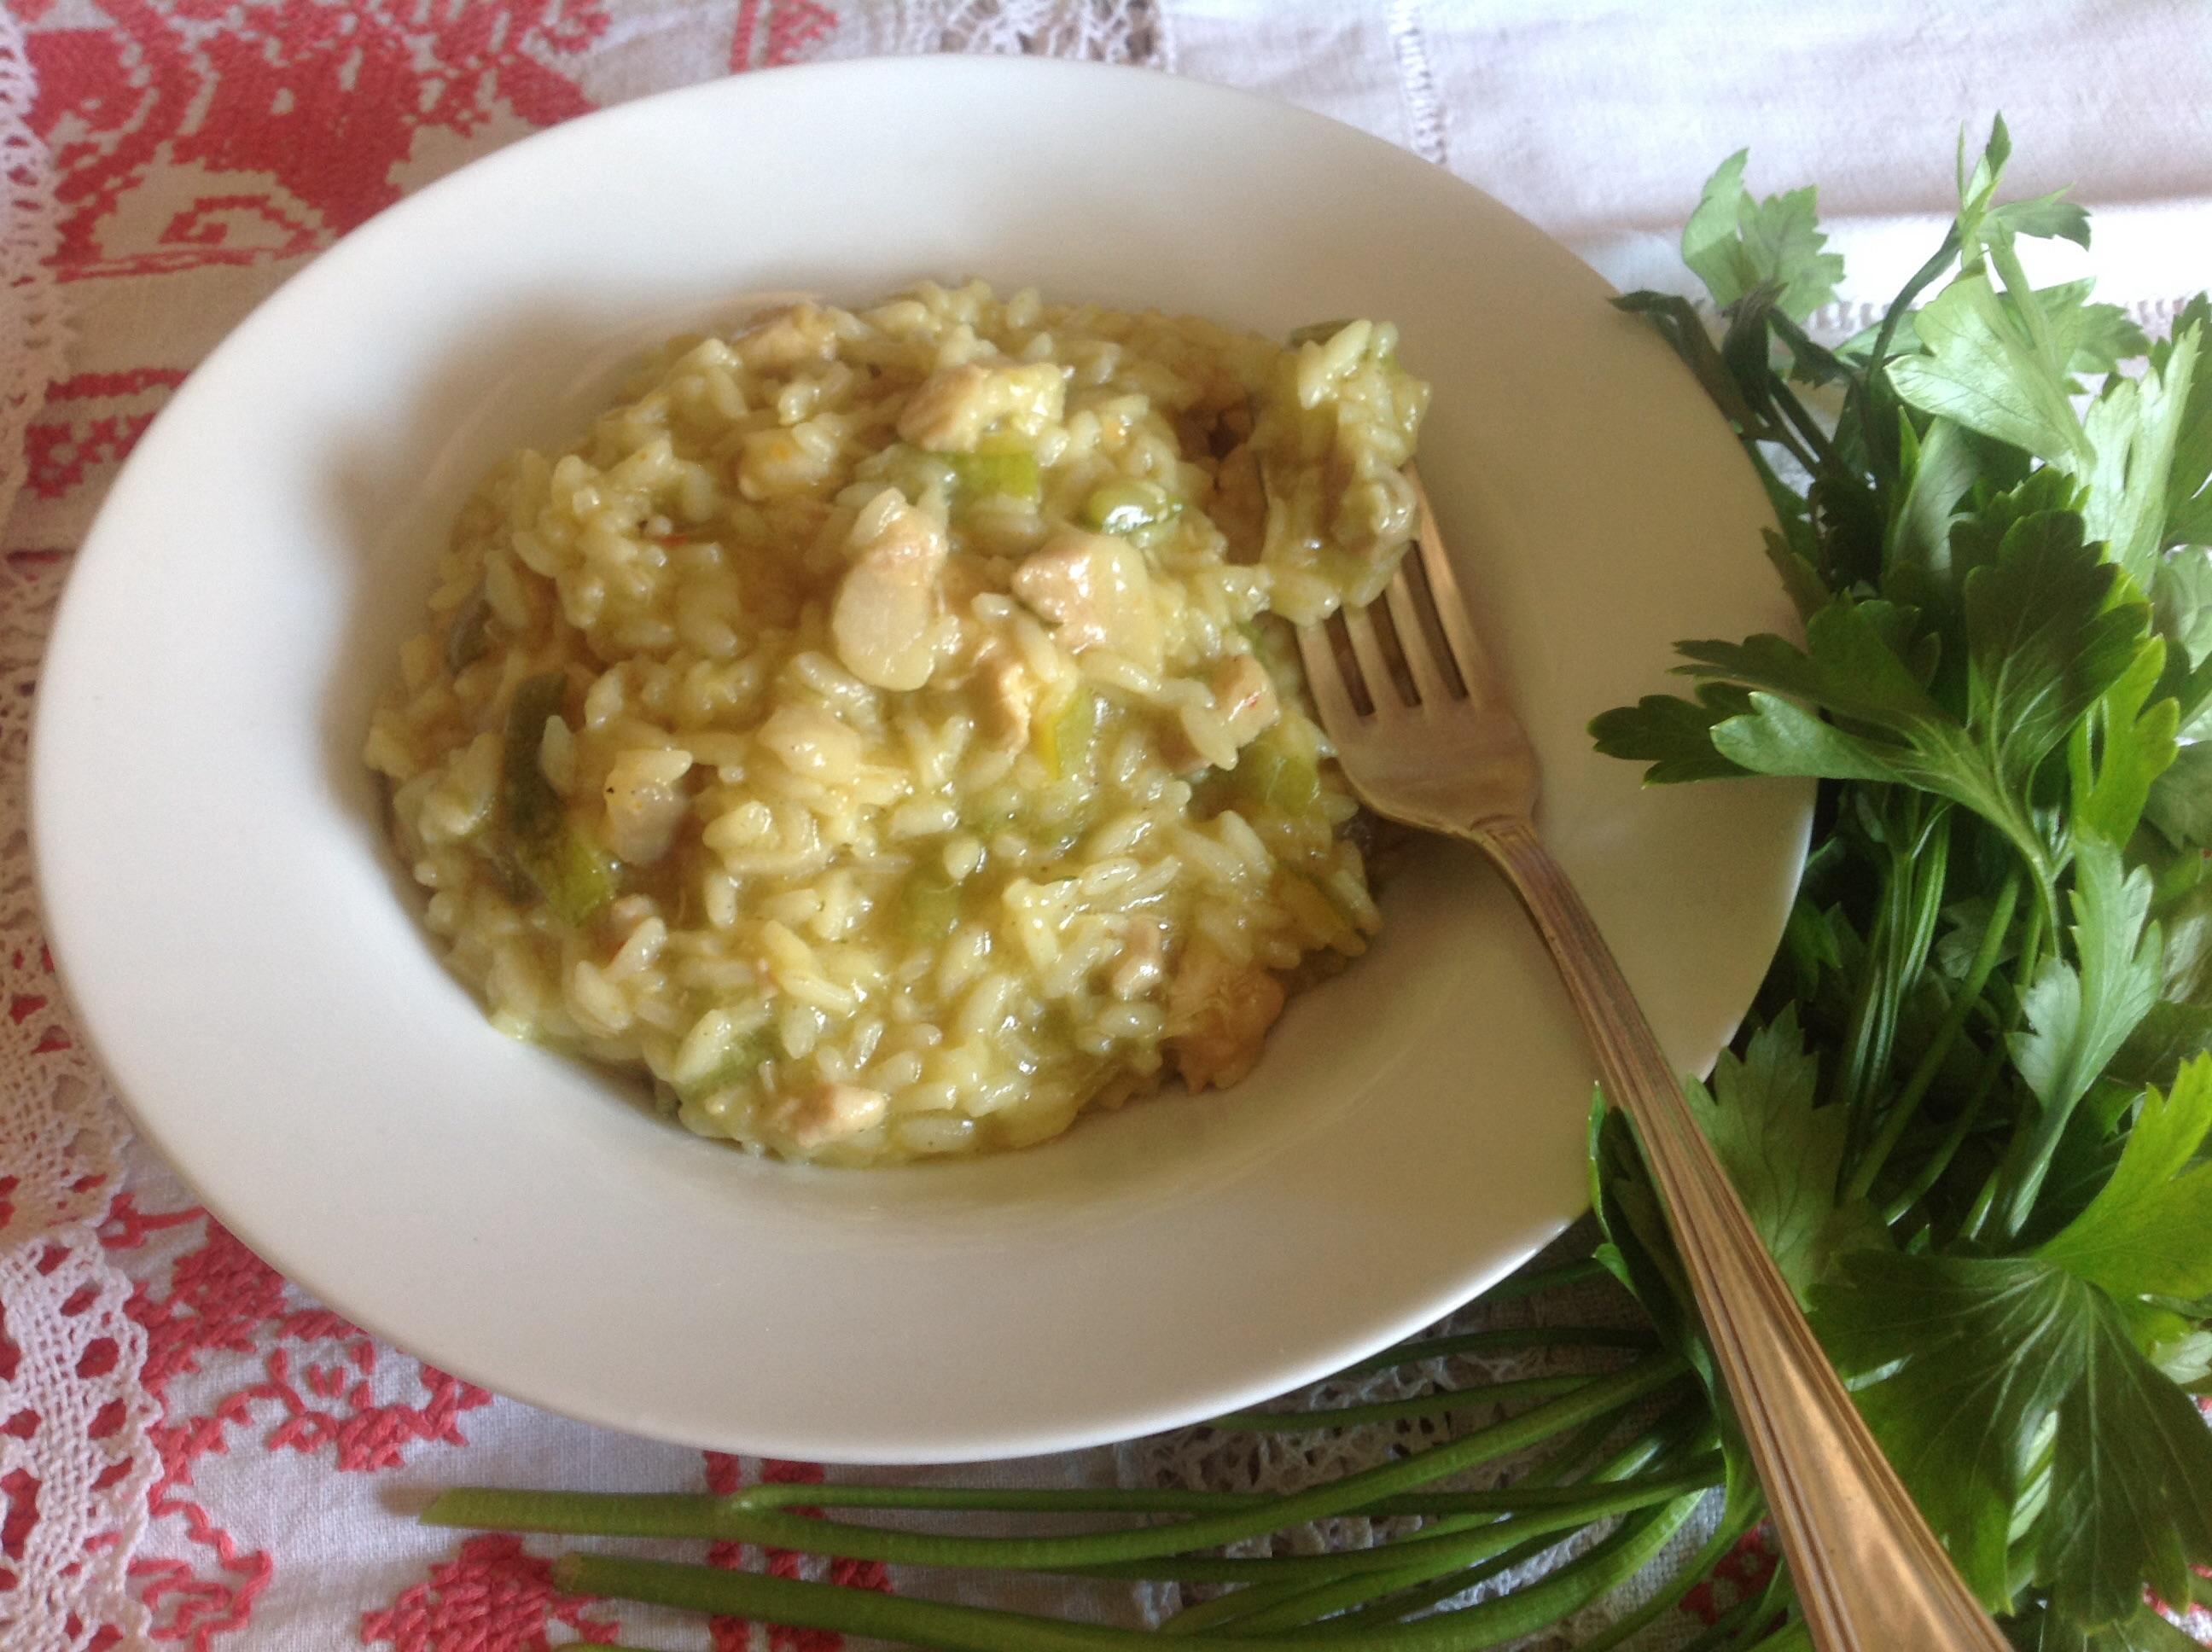 Risotto al pollo con zucchine e pancetta